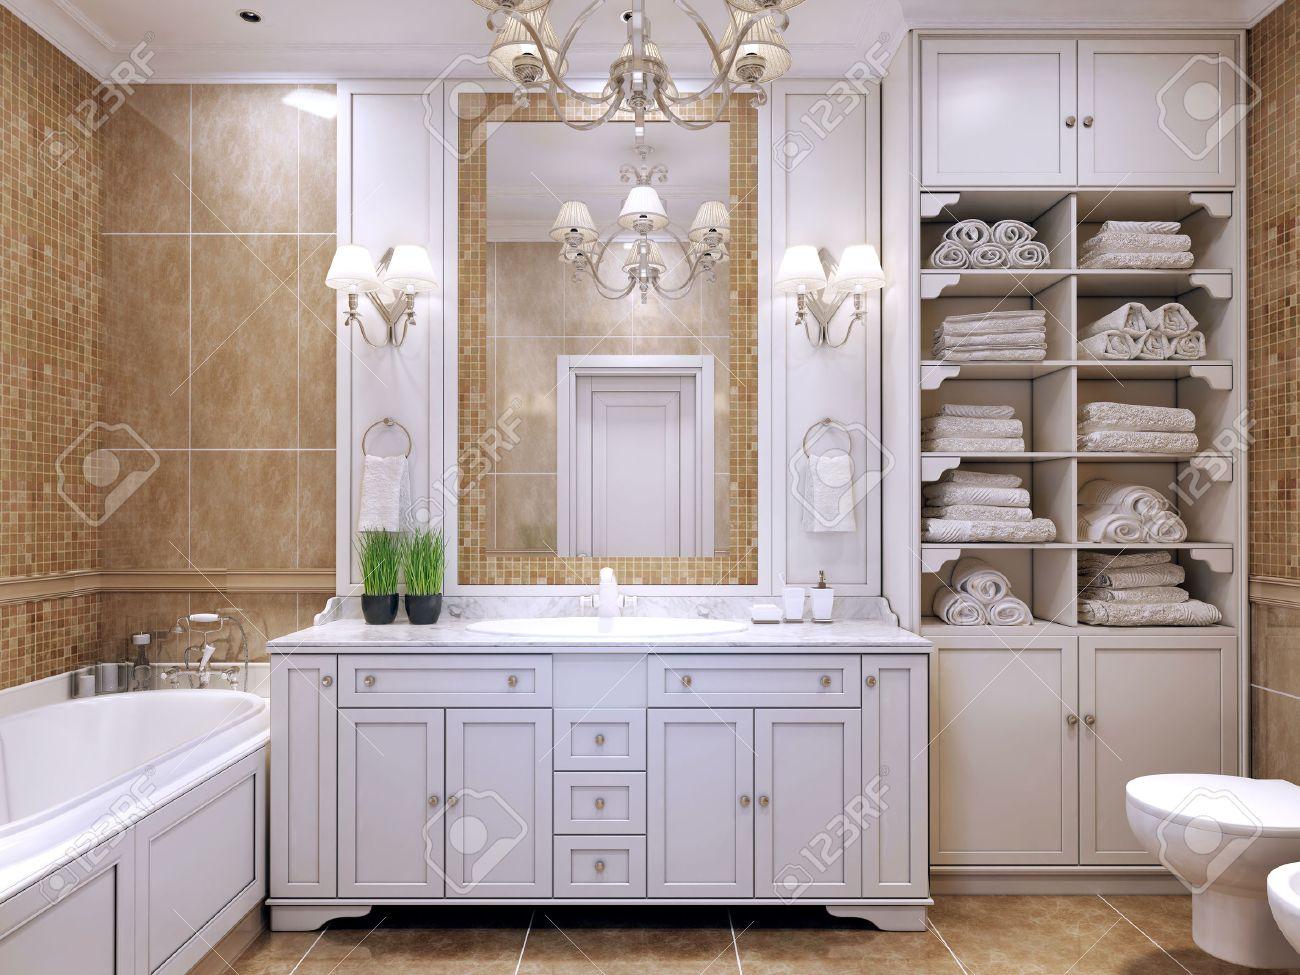 Meubels in klassieke badkamer crèmekleurige badkamer met witte